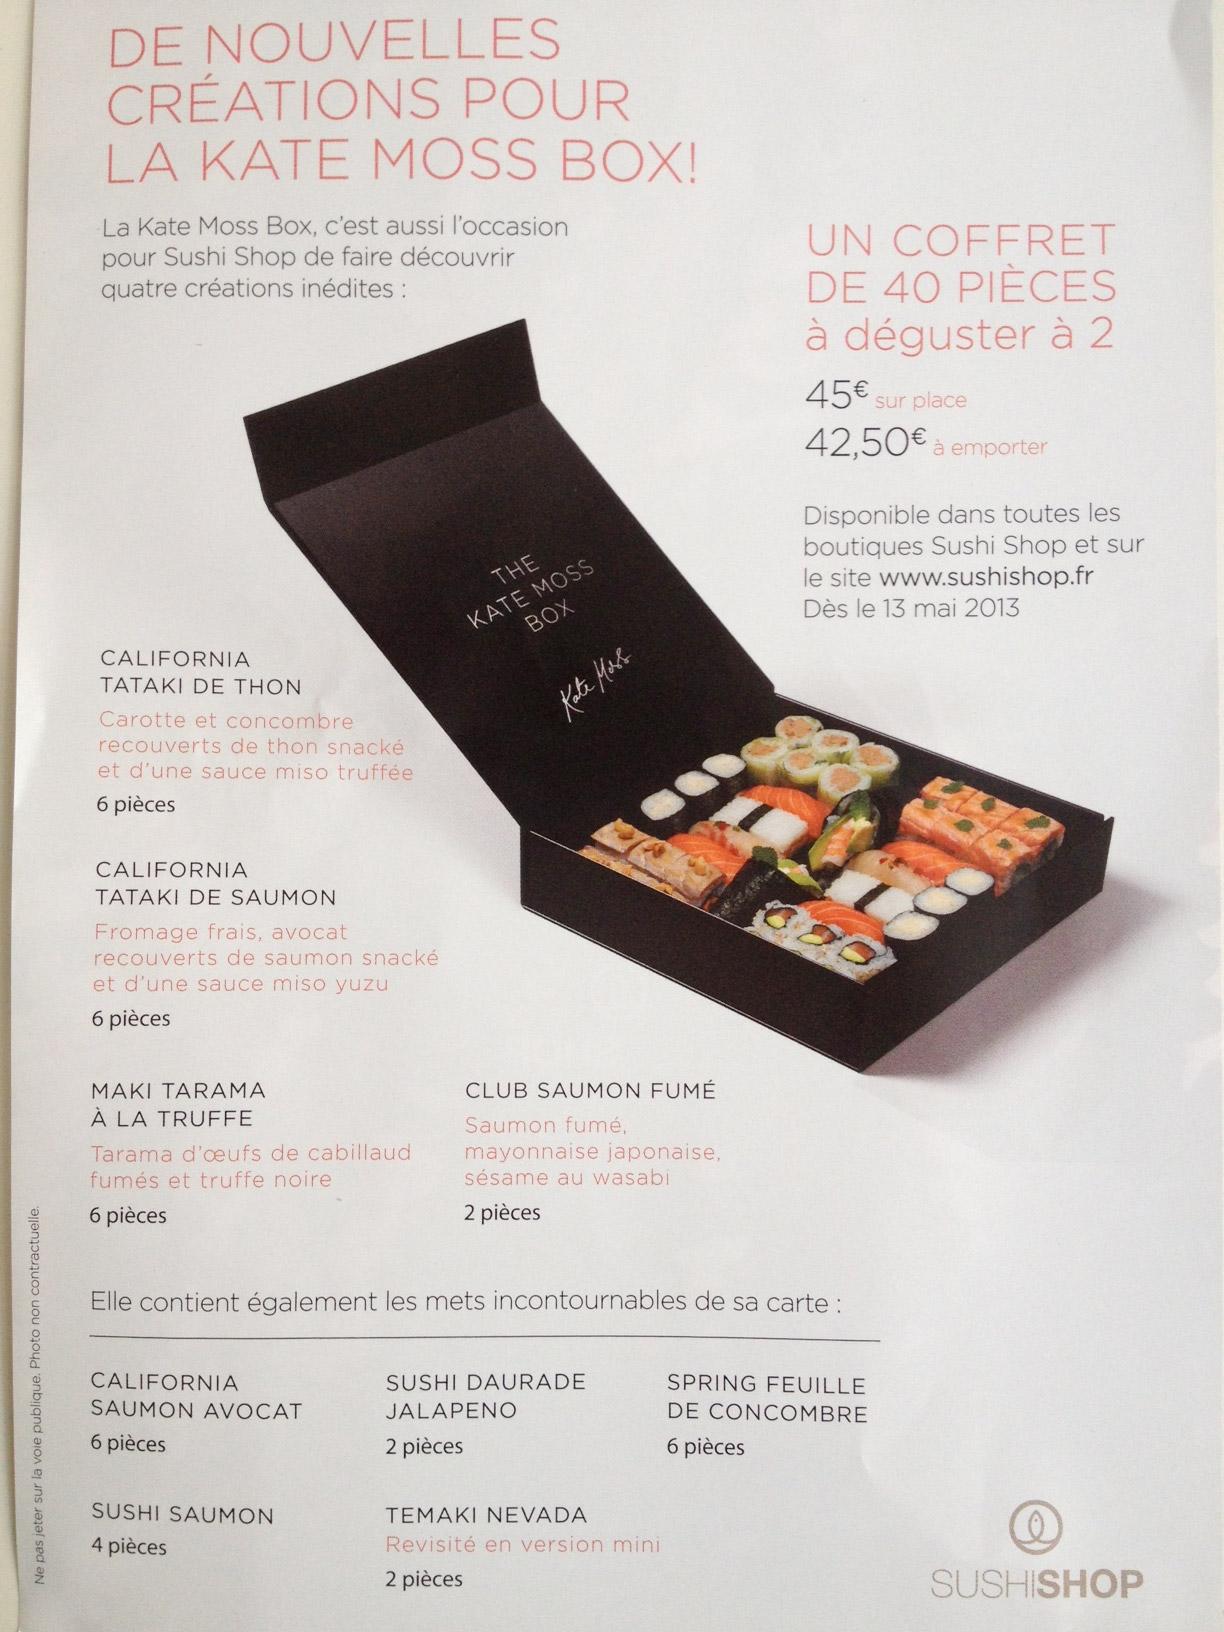 Kate moss box sushi shop